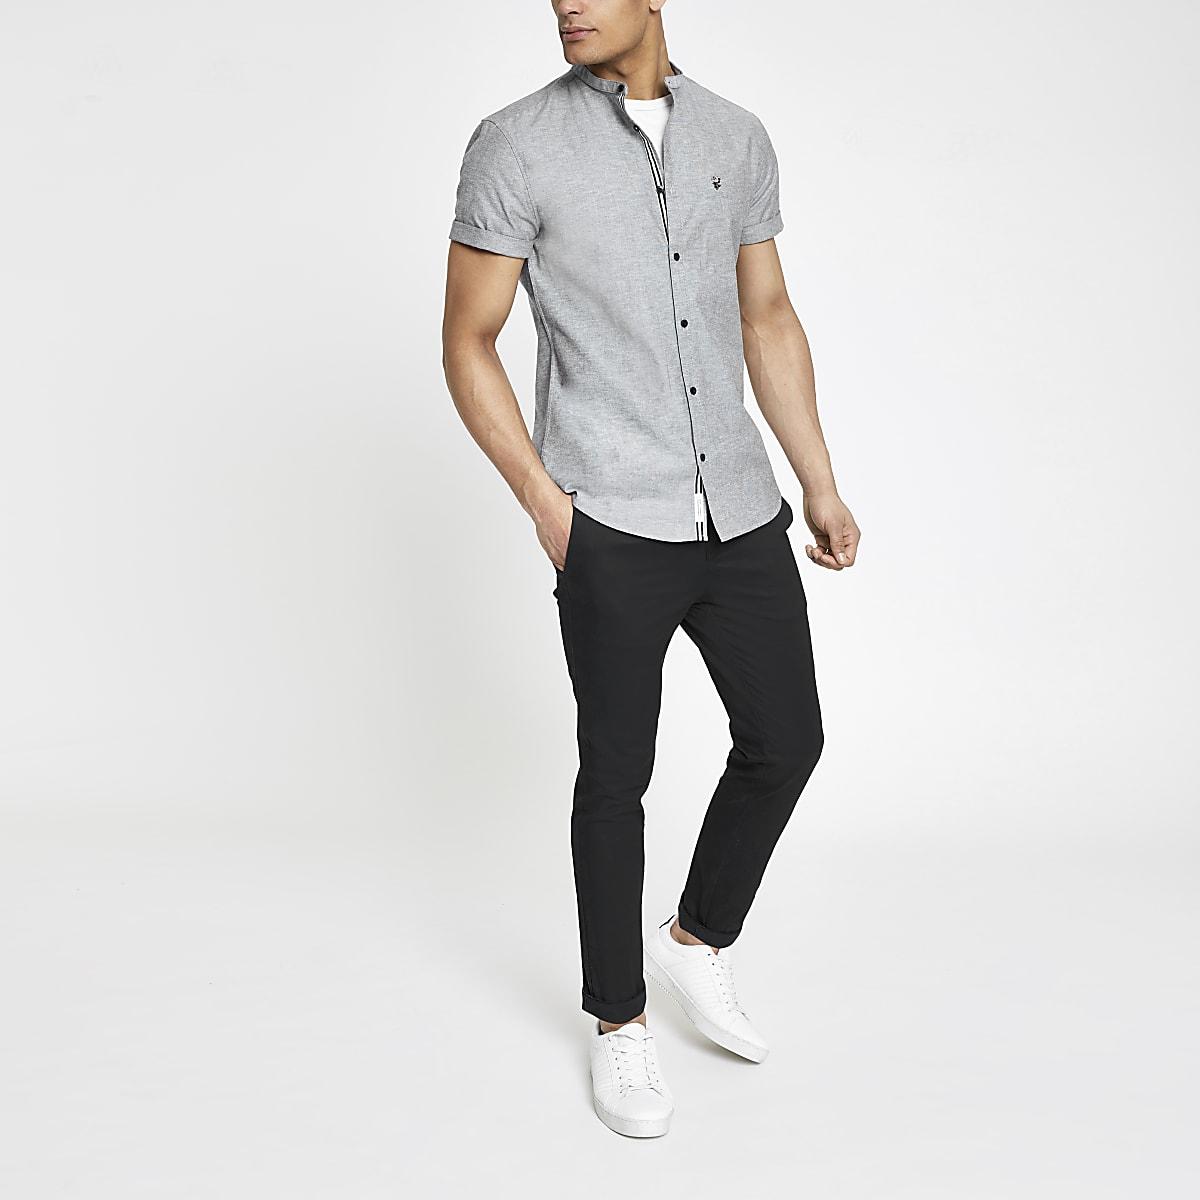 Grijs oxford overhemd zonder kraag met korte mouwen